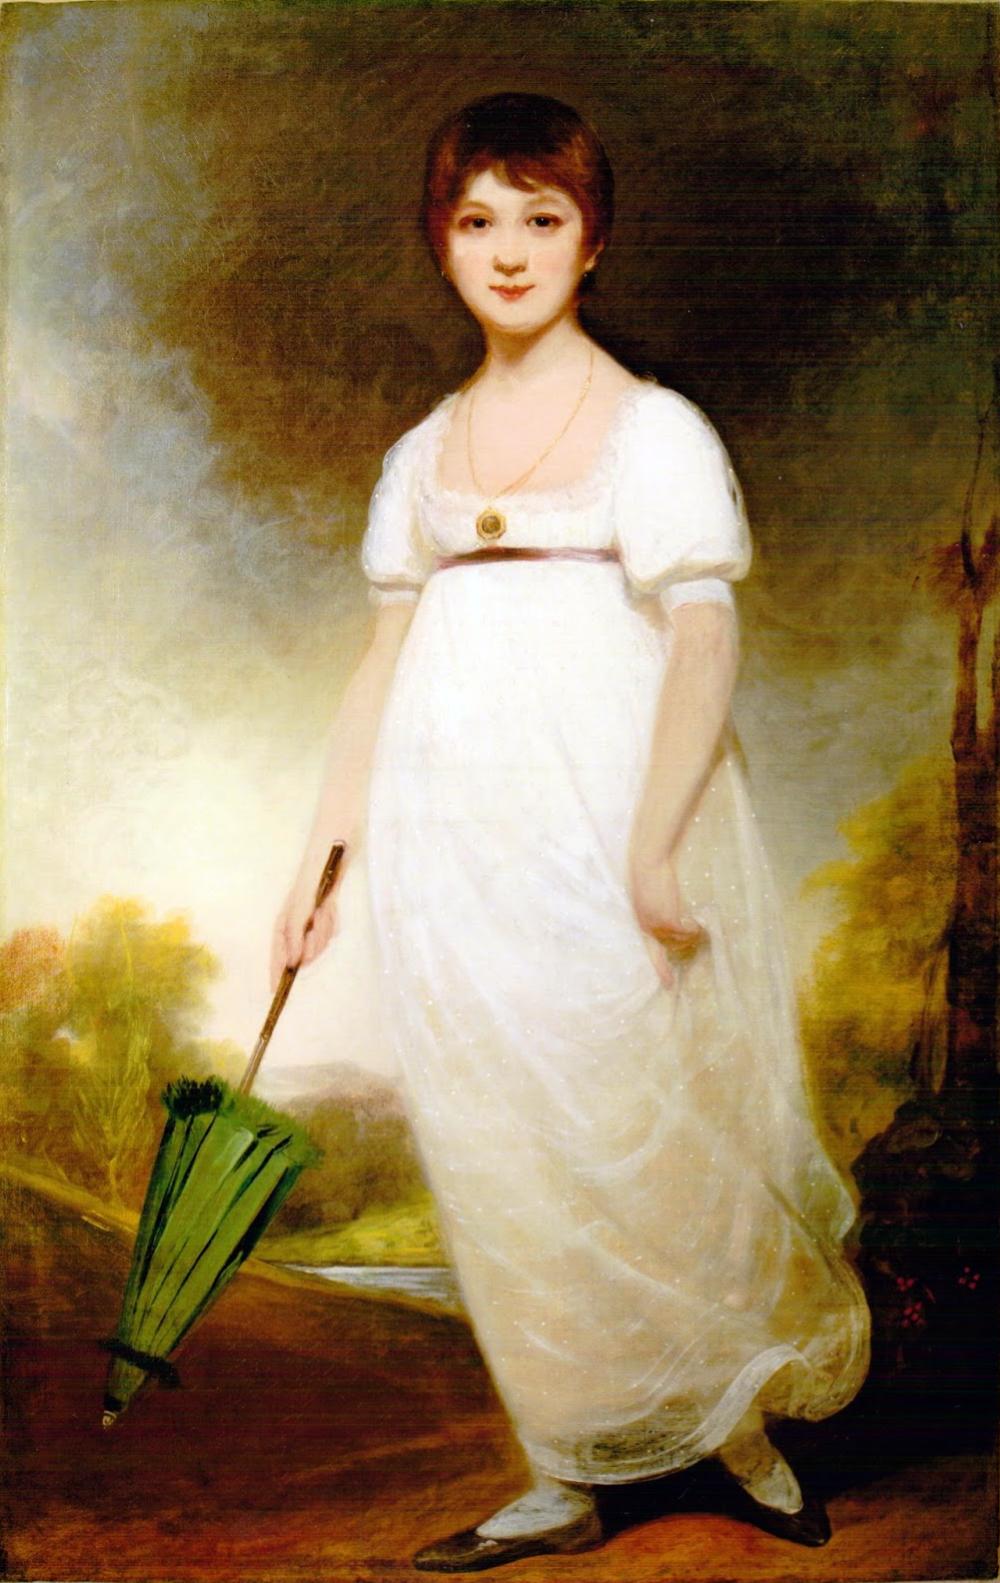 Portrait Painting Historic Art Reprint Famous Woman JANE AUSTEN Author